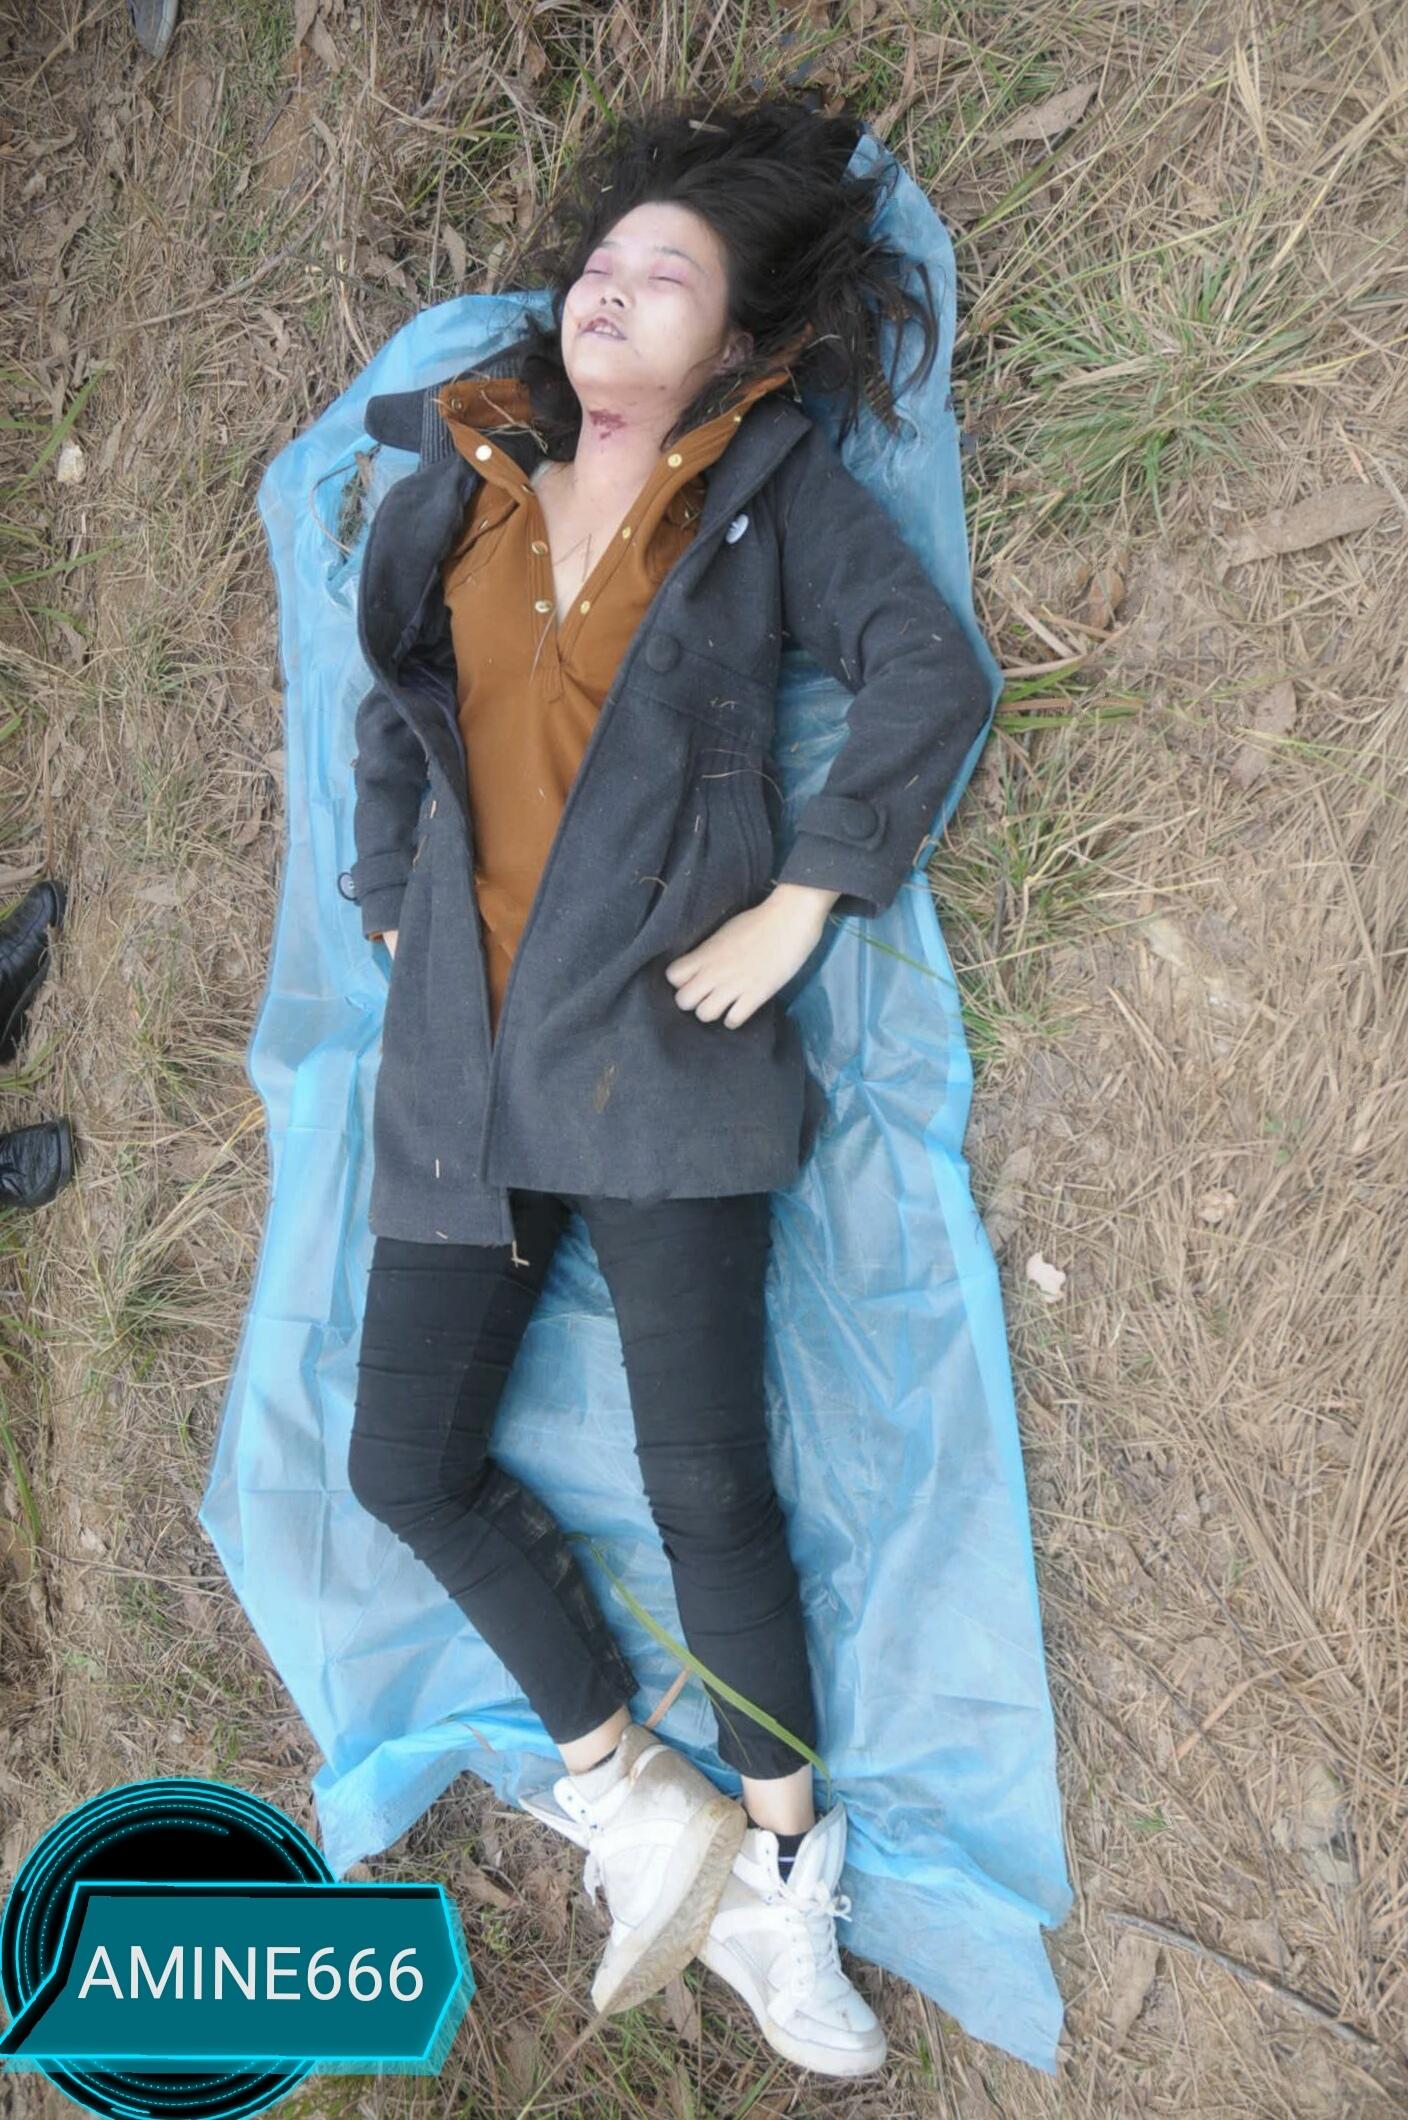 【遺体注意】草むらでレイプされた後絞殺された中国人少女、その場で検視されてる画像がヤバい・・・・・(画像)・2枚目